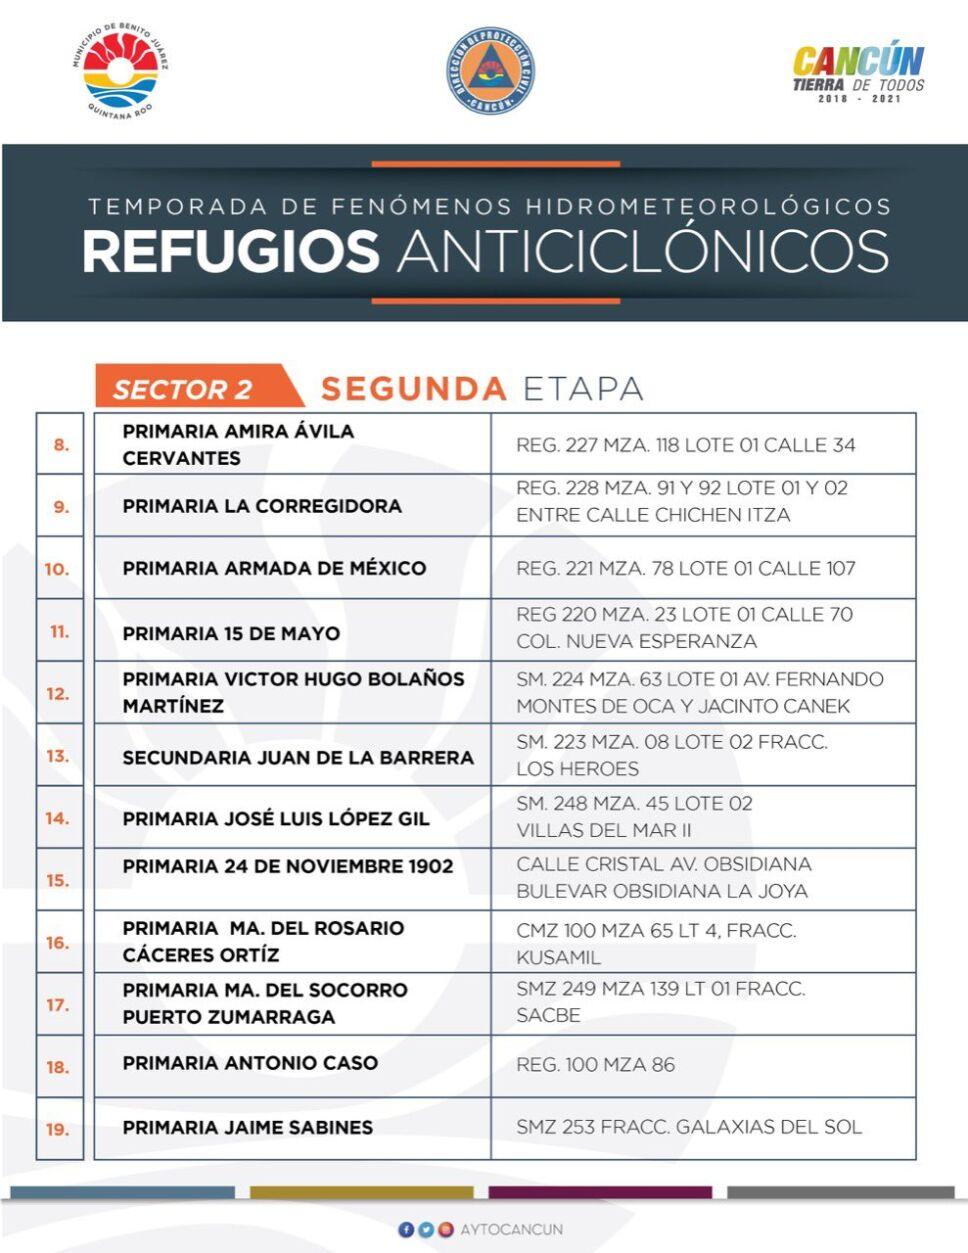 Cancún-Delta-refugios-alerta.jpg